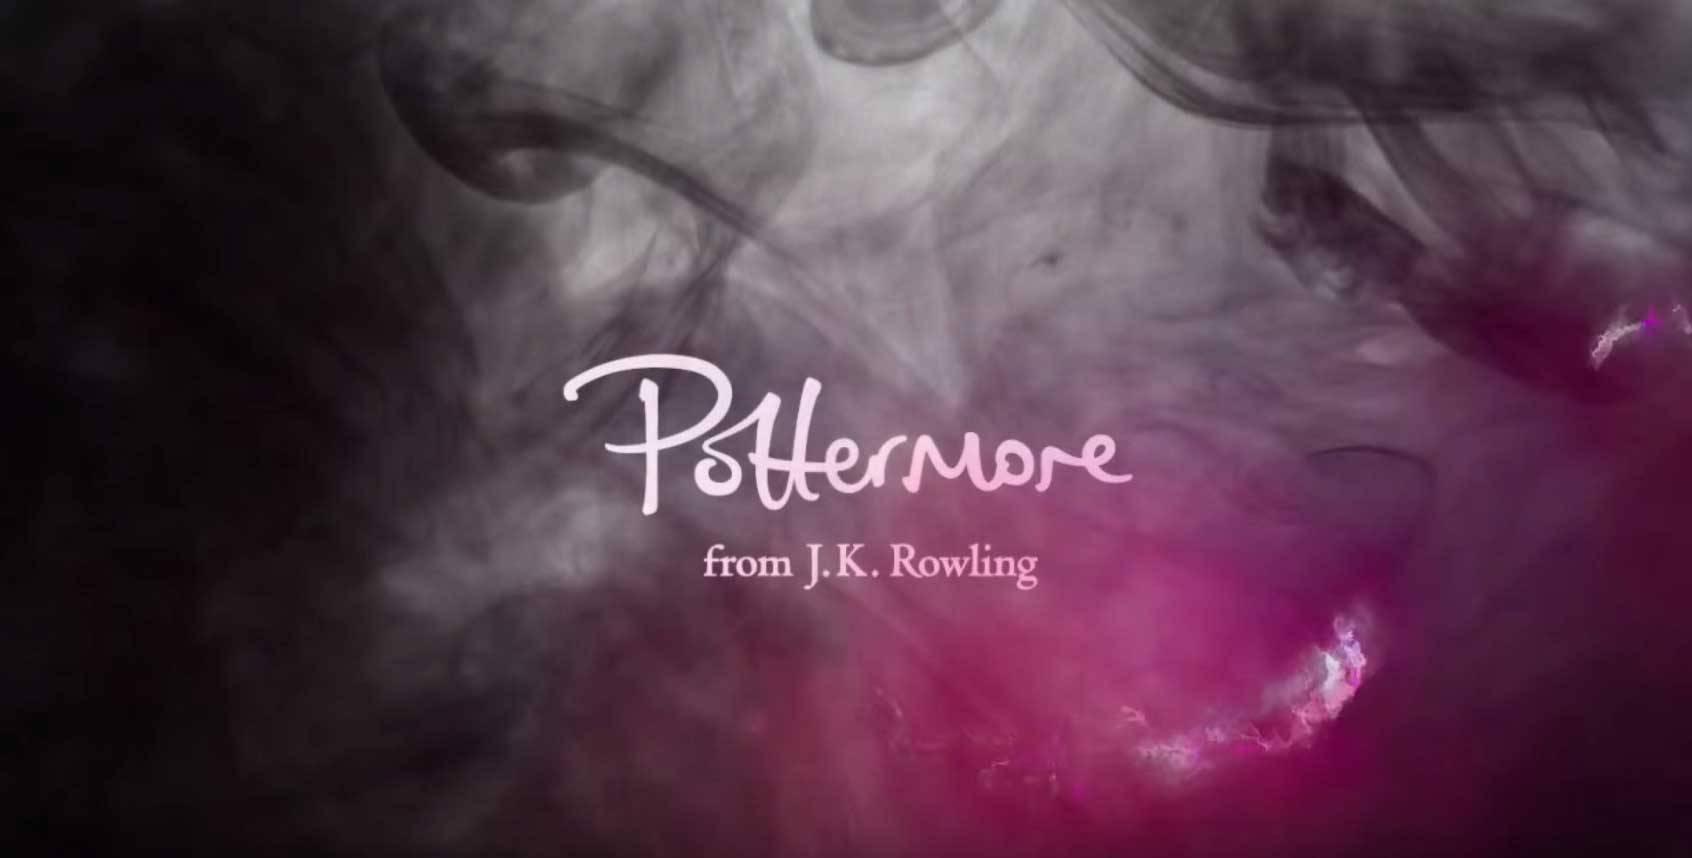 Licenciement important chez Pottermore ; l'équipe éditoriale en difficulté